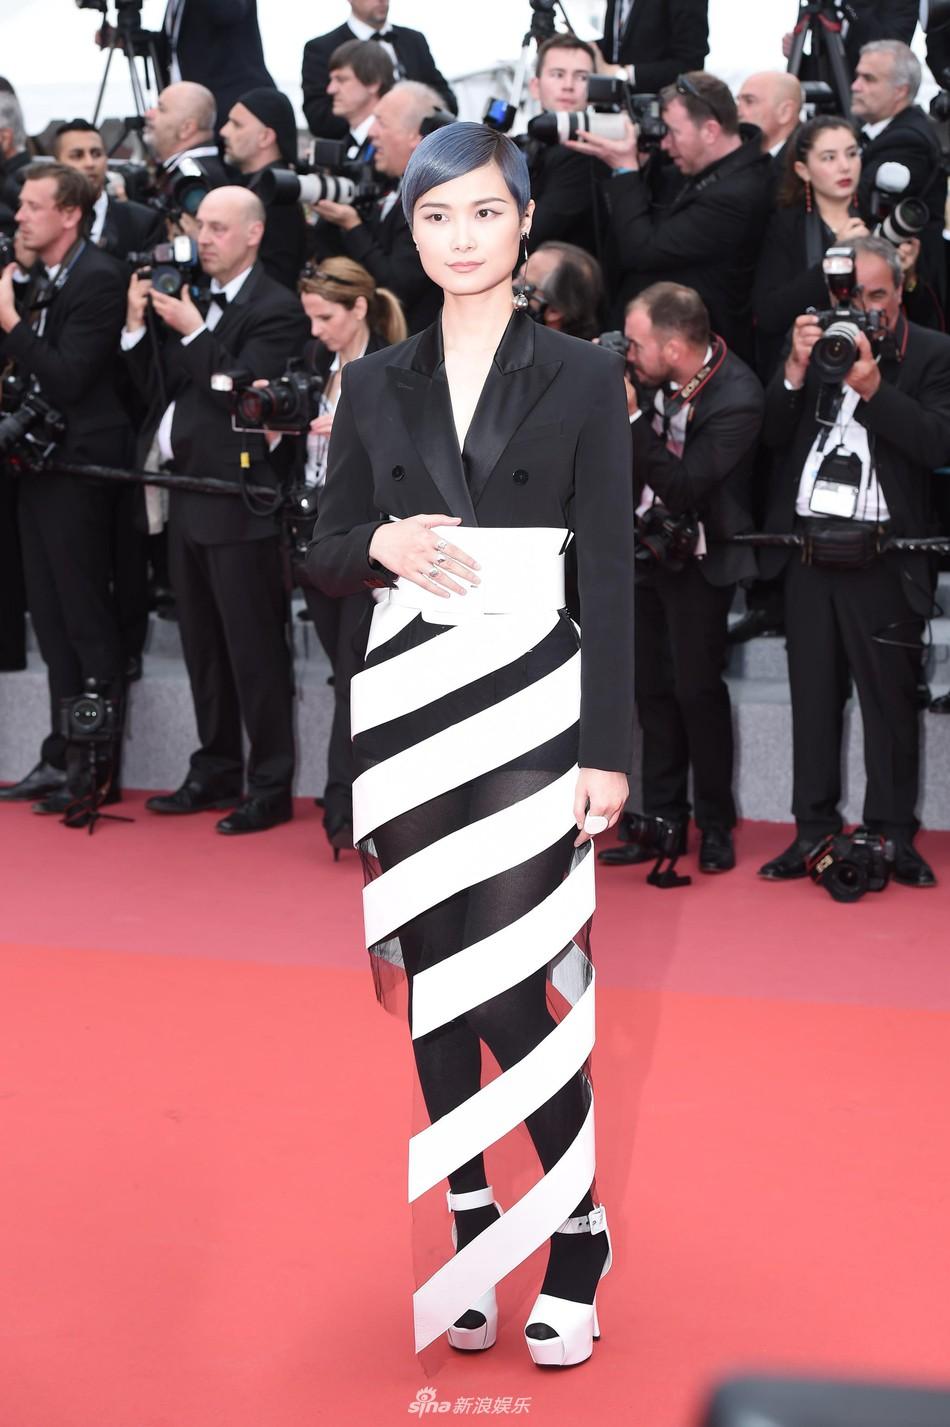 Thảm đỏ LHP Cannes ngày 2: Bồ cũ G-Dragon lộ vòng 1 lép kẹp, lu mờ trước sao nữ ngực khủng làm trò lố - Ảnh 7.